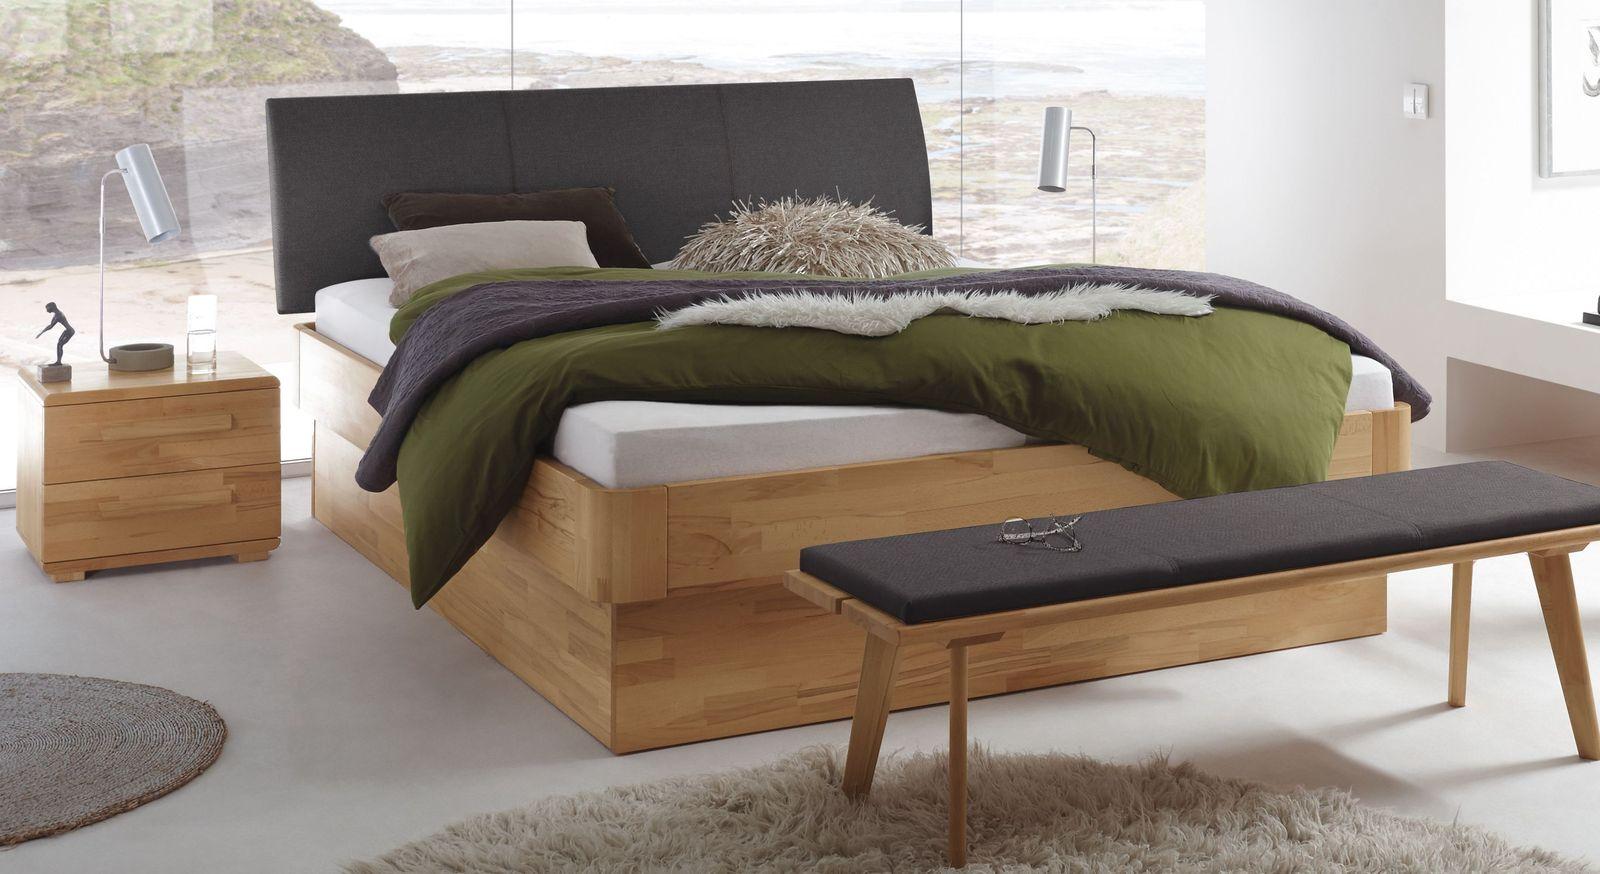 sonstige massivholzbetten und weitere betten g nstig online kaufen bei m bel garten. Black Bedroom Furniture Sets. Home Design Ideas